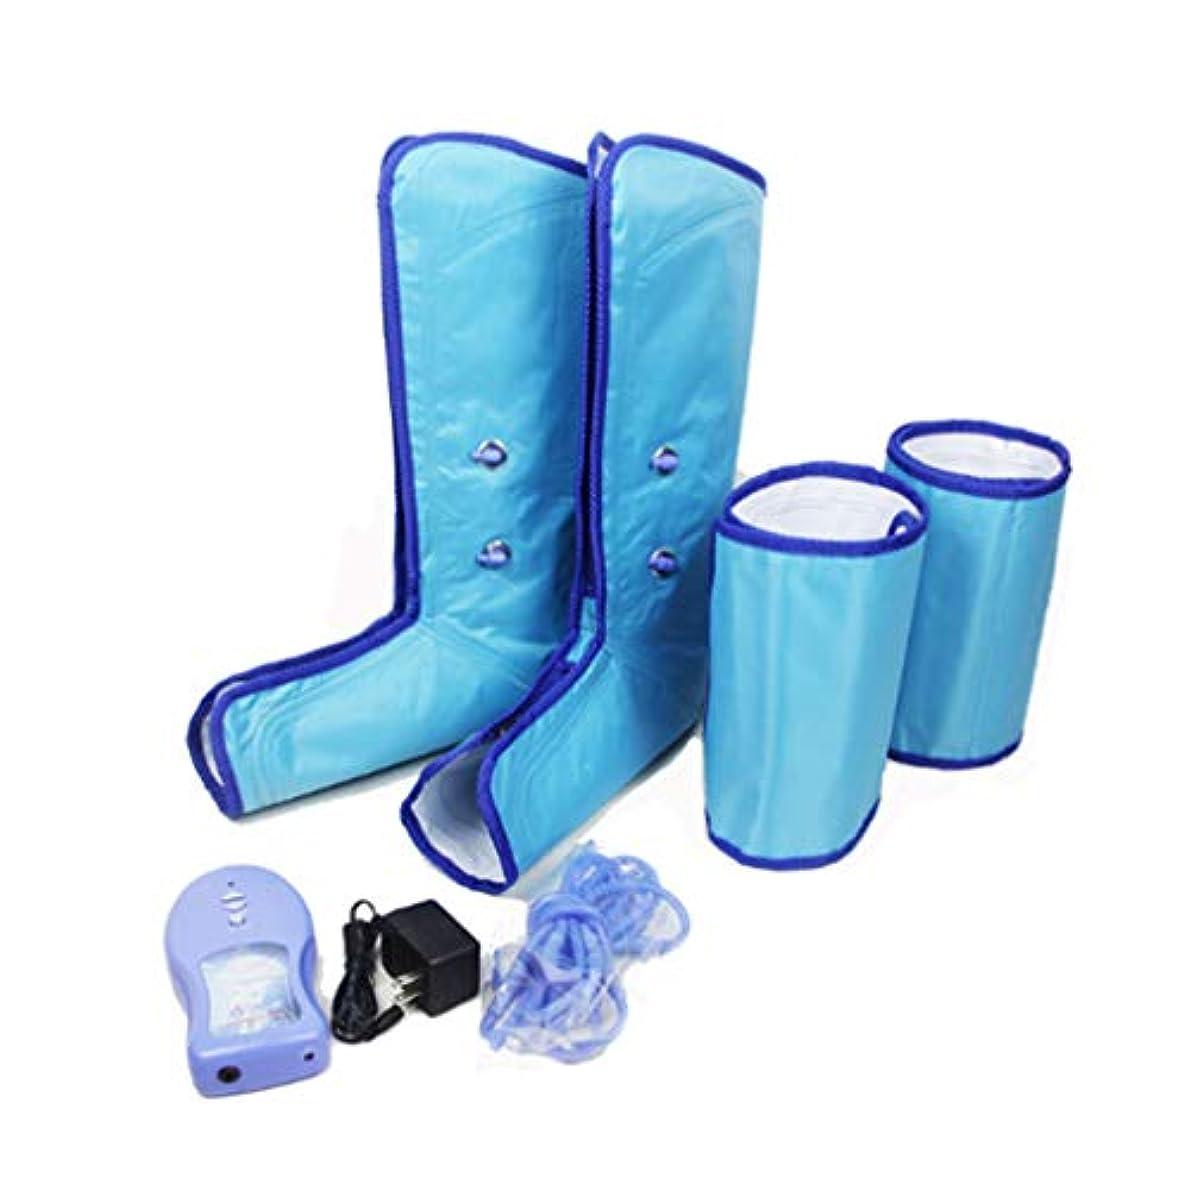 滞在シーズン地域循環および筋肉苦痛救助のための空気圧縮の足覆いのマッサージャー、足のふくらはぎおよび腿の循環のMassagetherapyの足の暖かい人